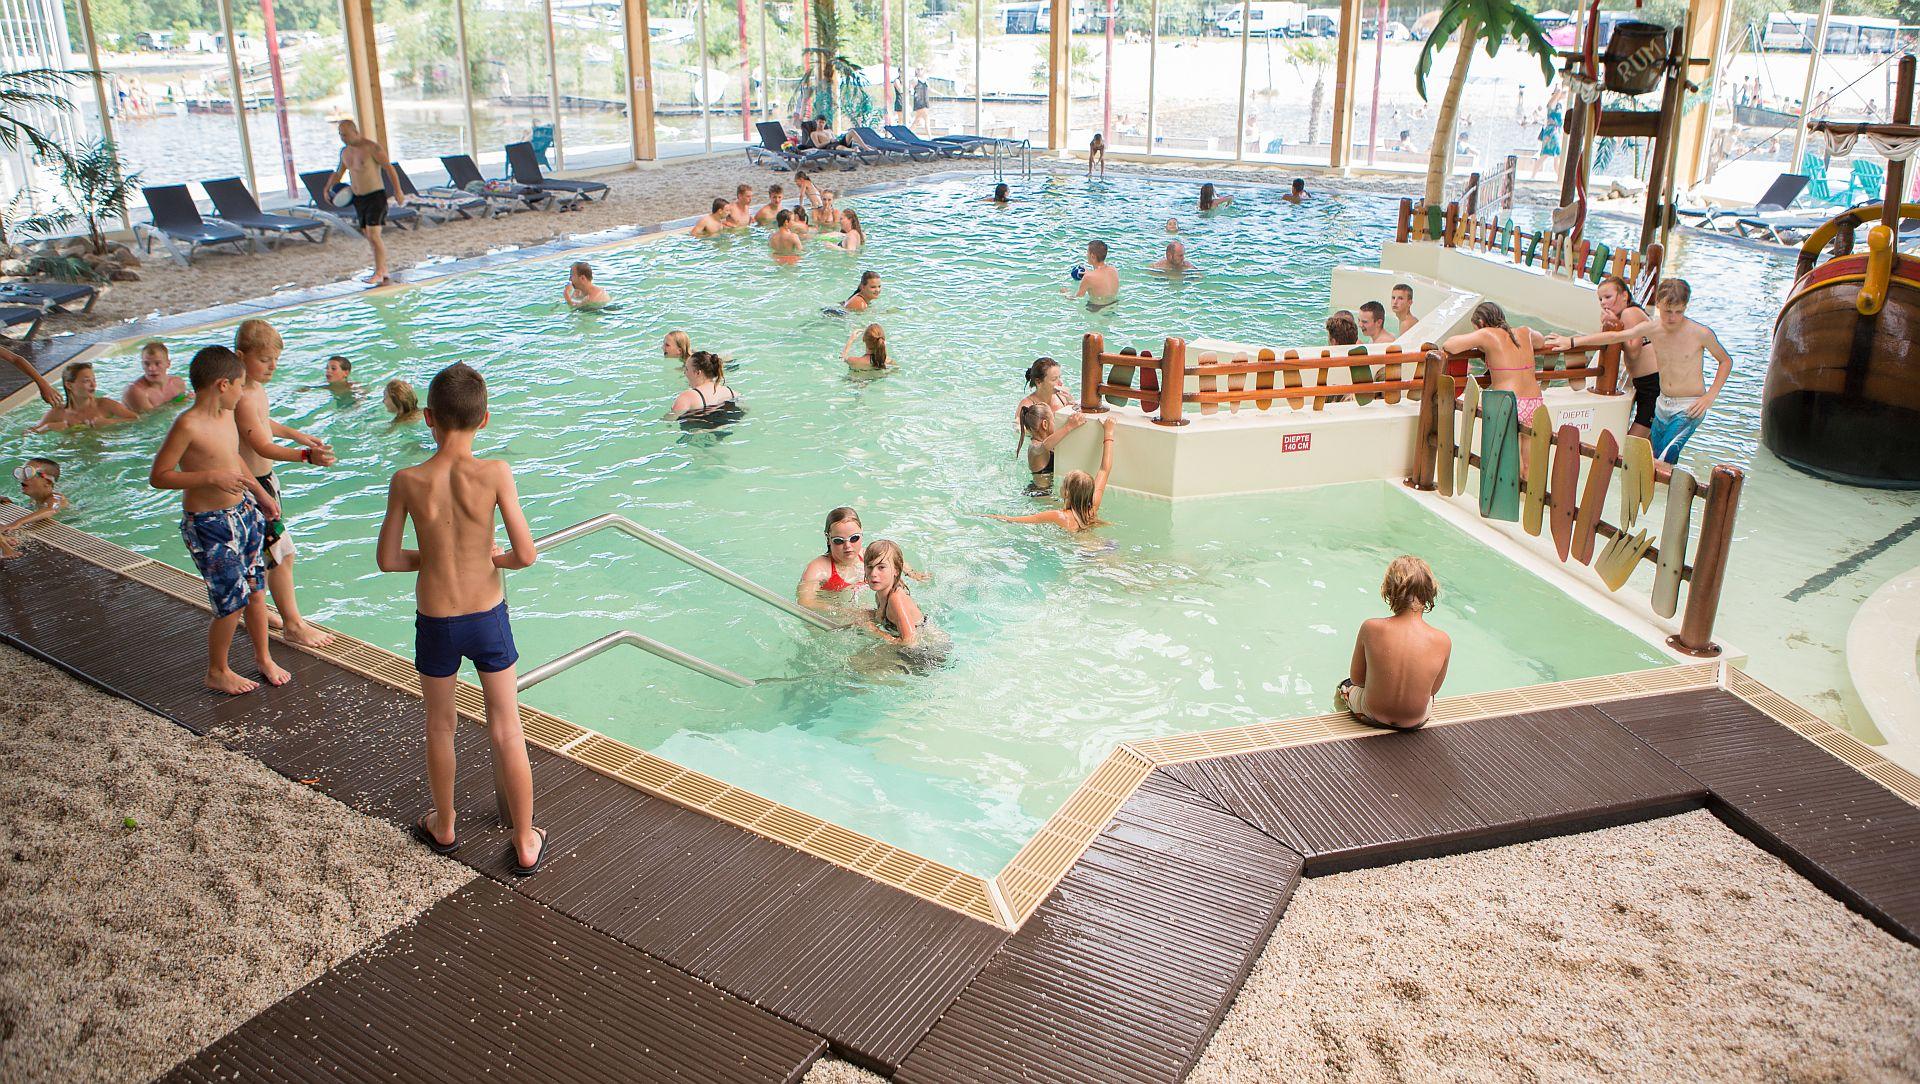 Stacaravan huren op een camping met zwembad - Stacaravan huren op een camping met zwembad